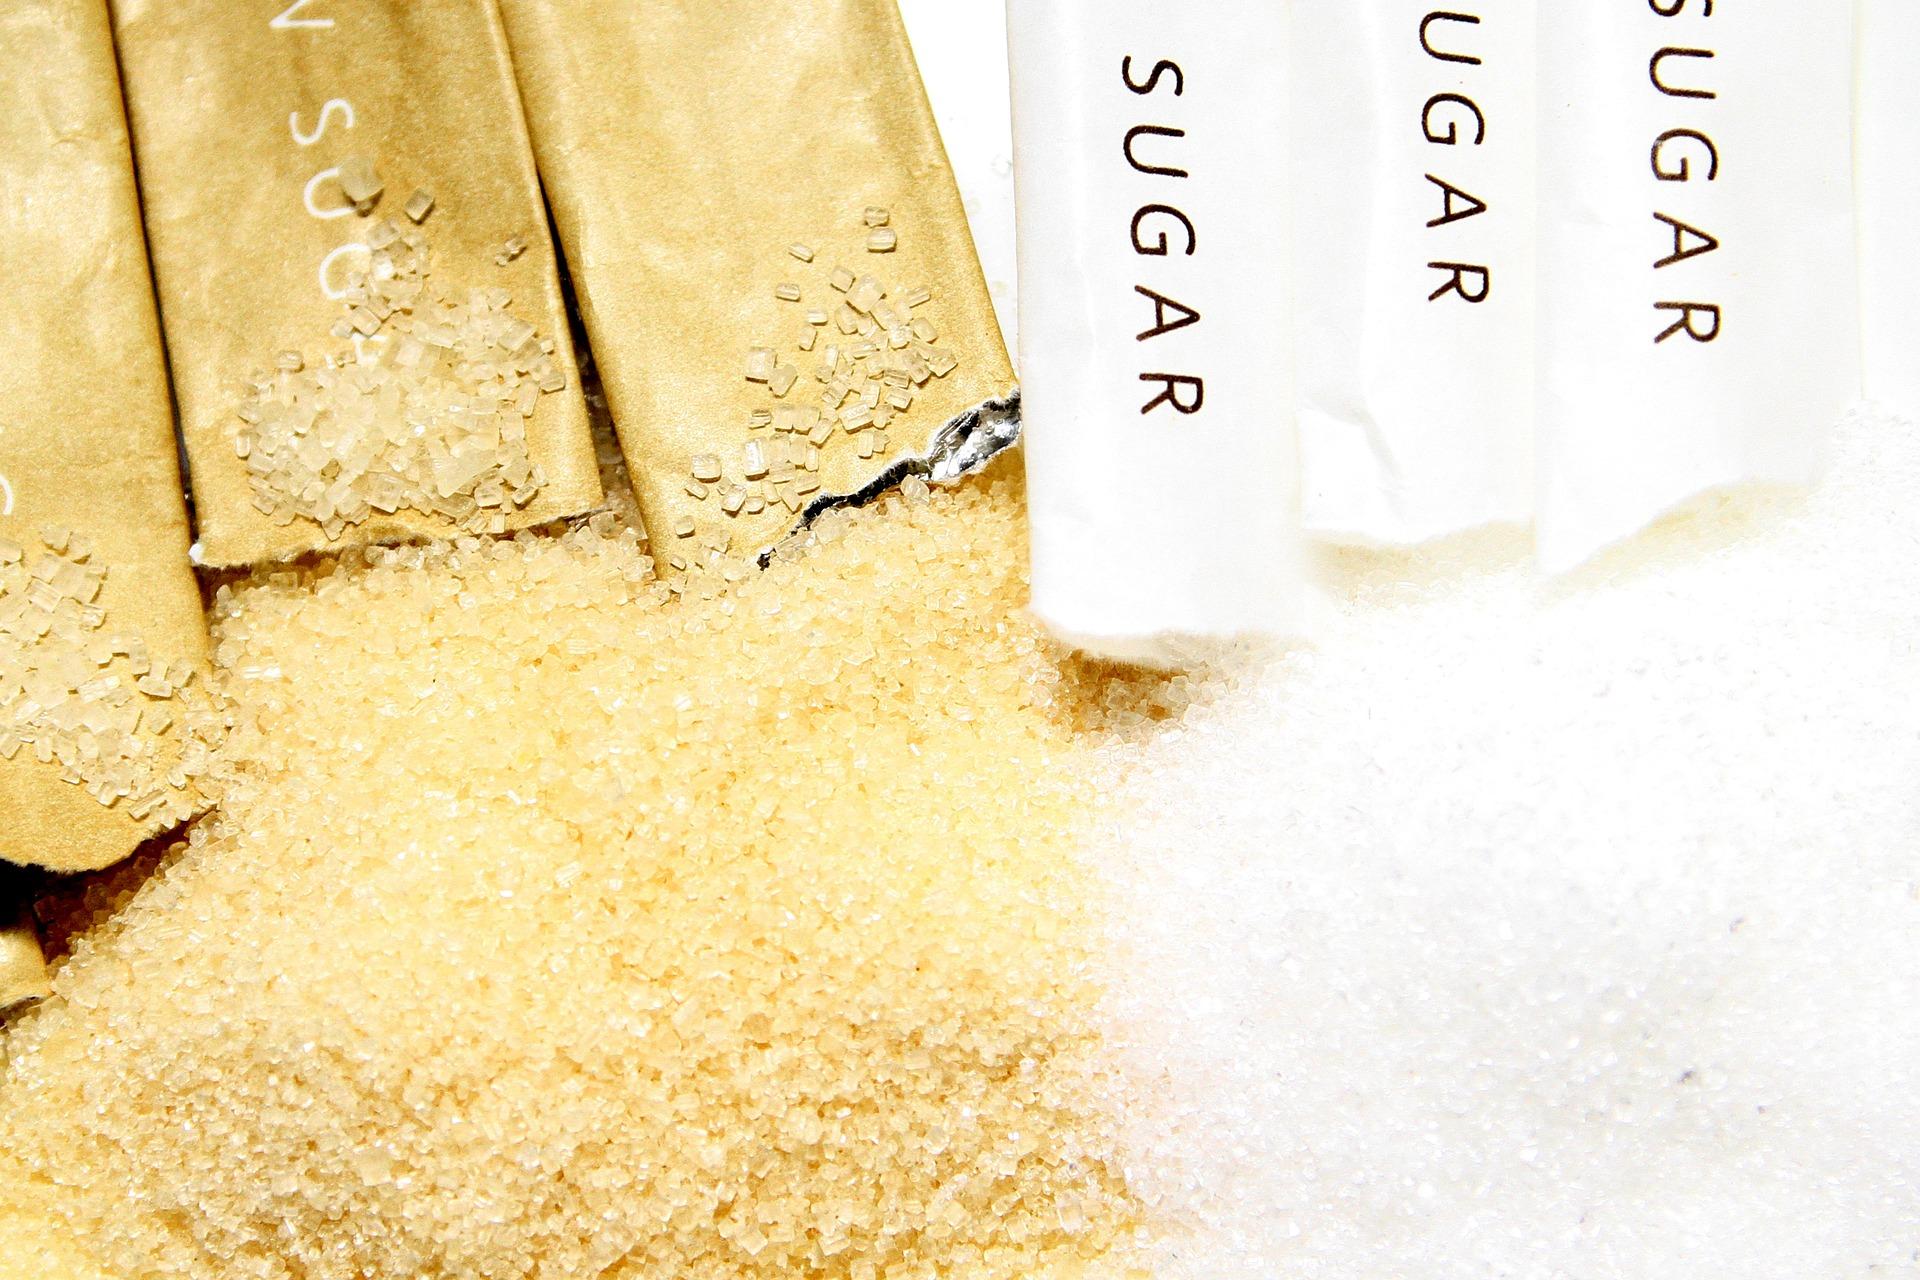 Sugar Blocks Weight Loss Hormones